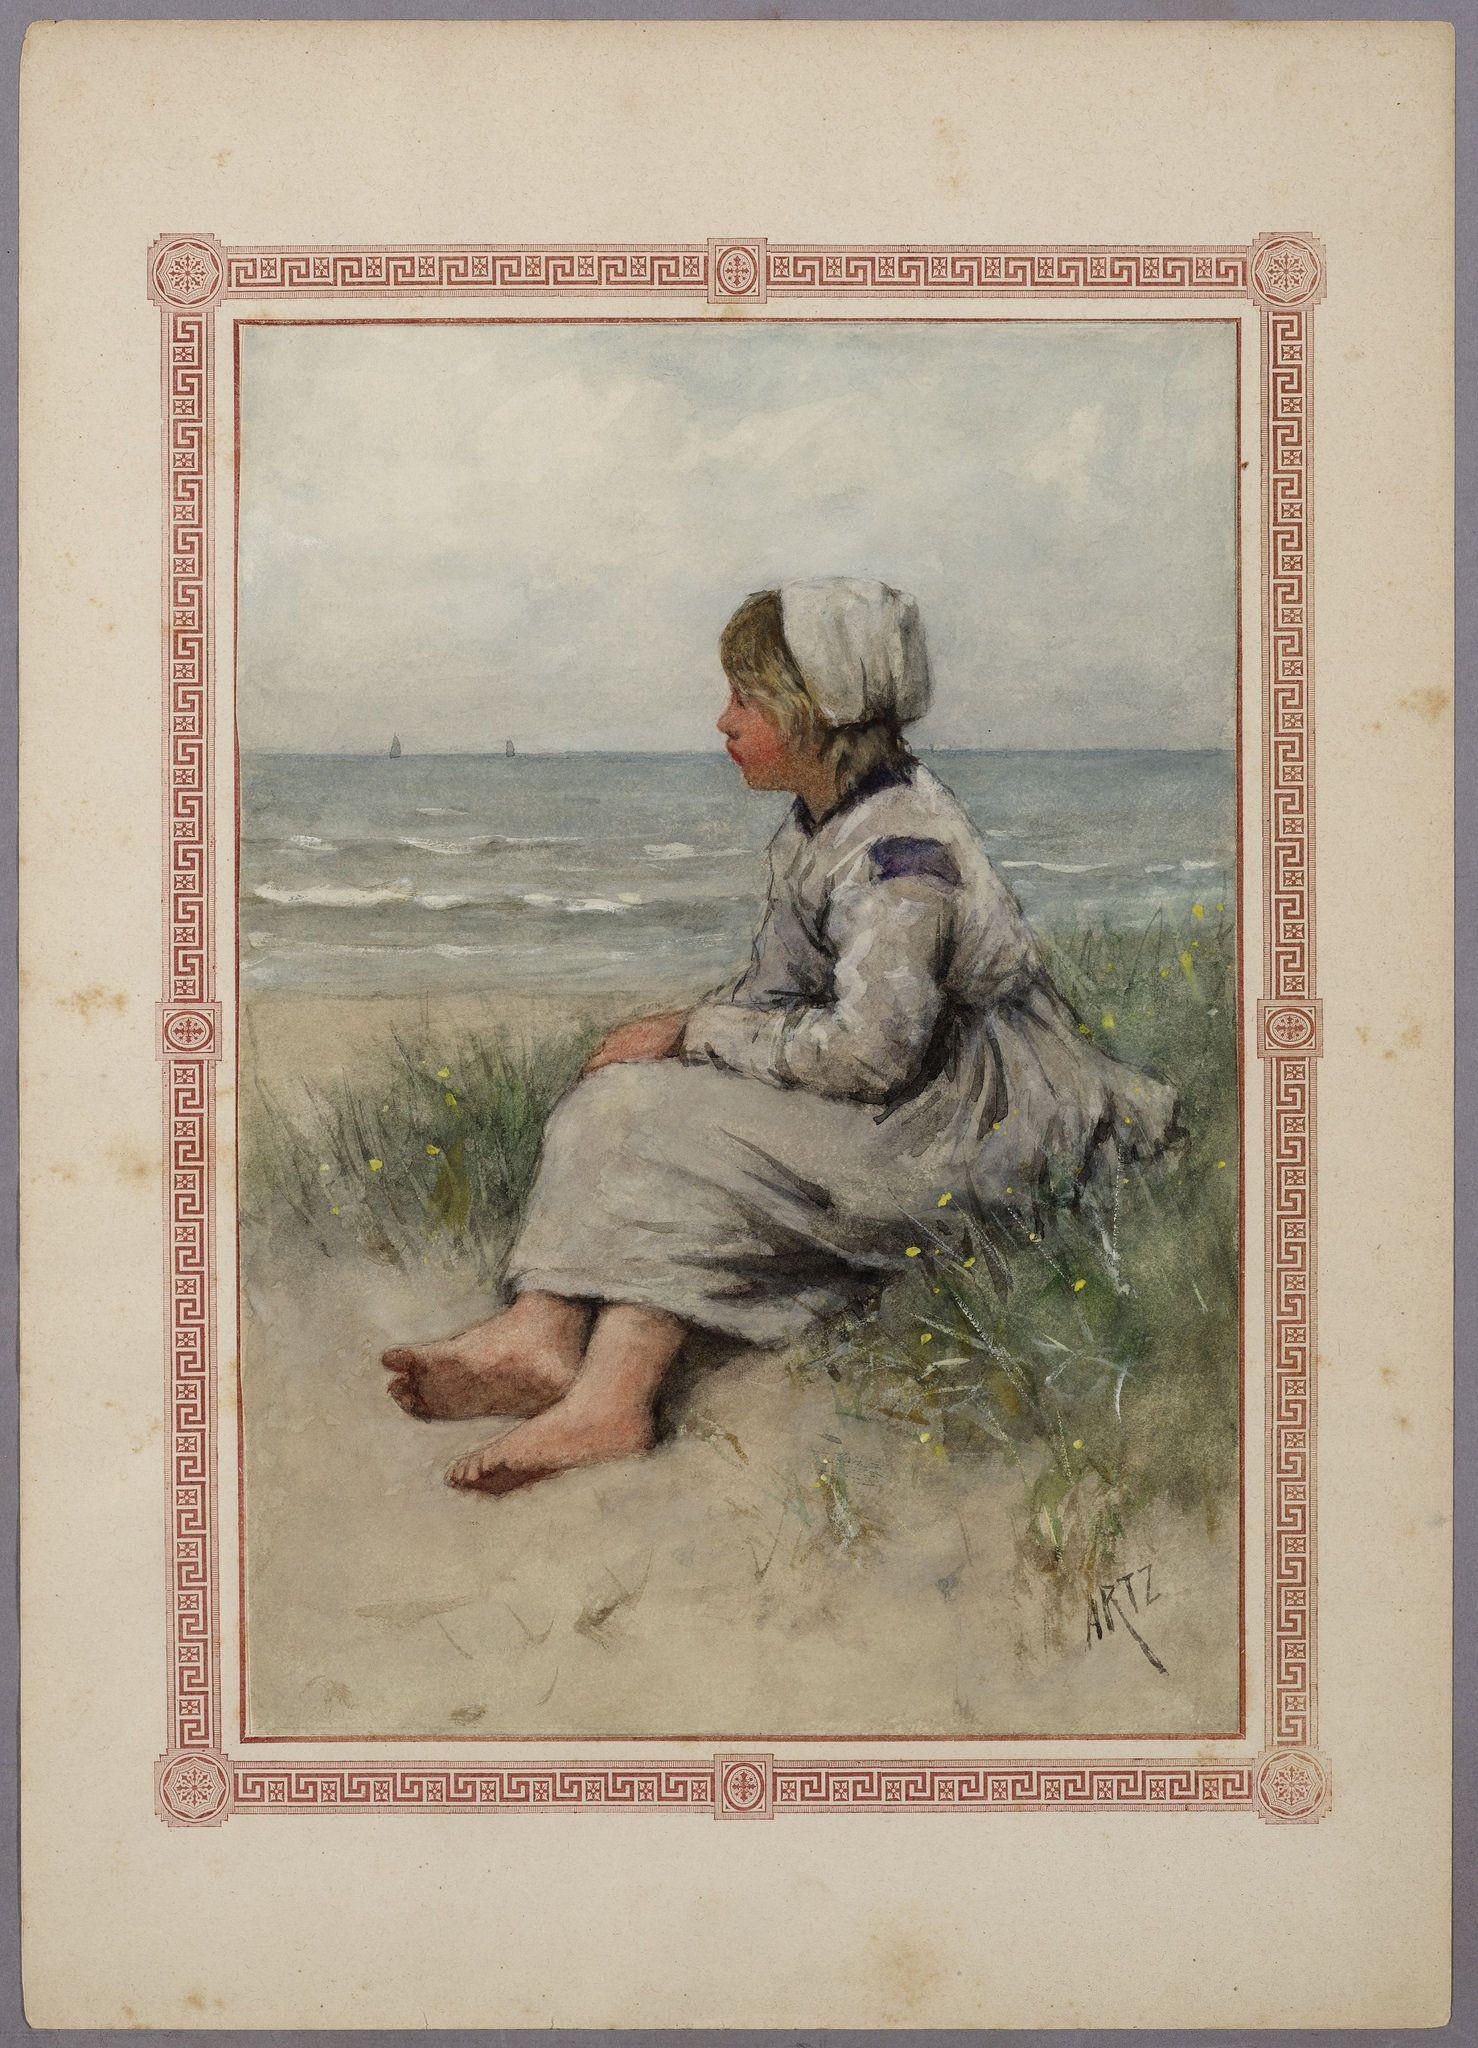 Een meisje kijkt uit over de #zee. Tekening uit het Album Amicorum van Bosboom-Toussaint. Alle foto's: https://www.flickr.com/photos/public-domain-archief-alkmaar/albums/72157659987270548